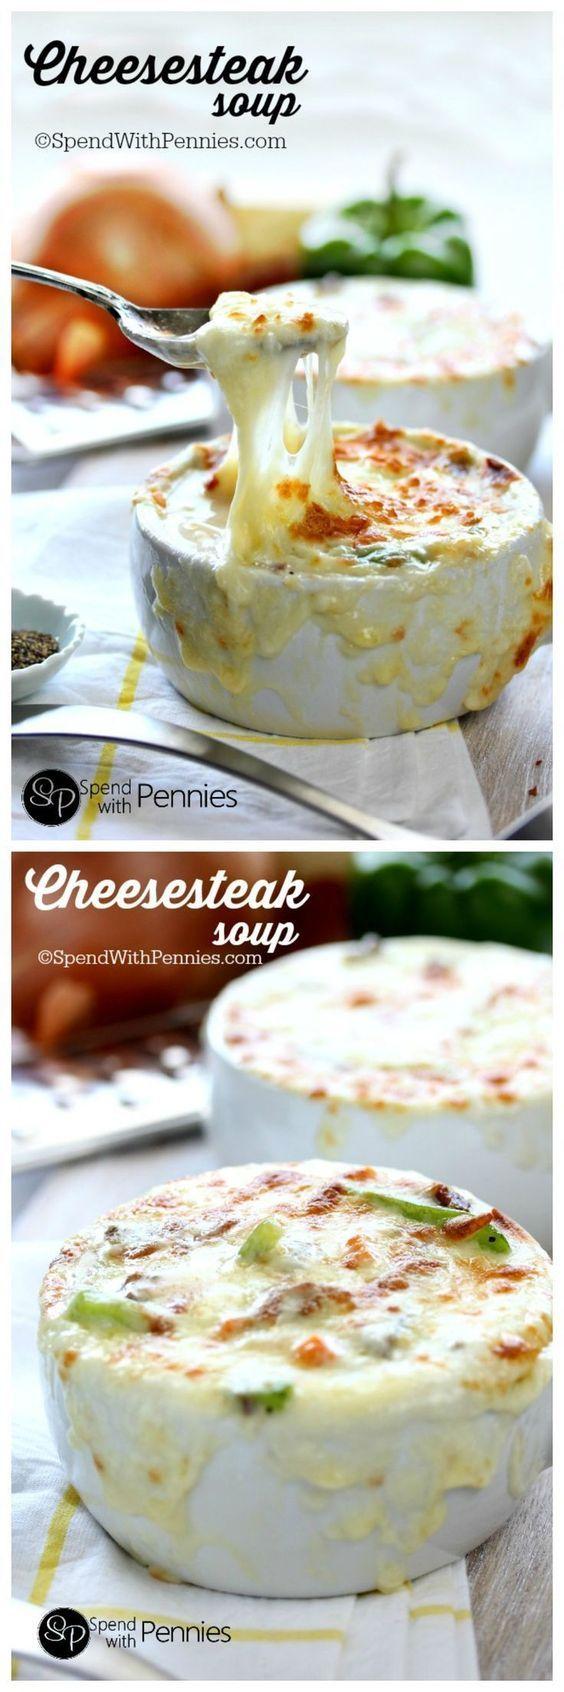 Una sopa muy saludable, fácil de preparar y divinamente sabrosa. Y no precisa de carne